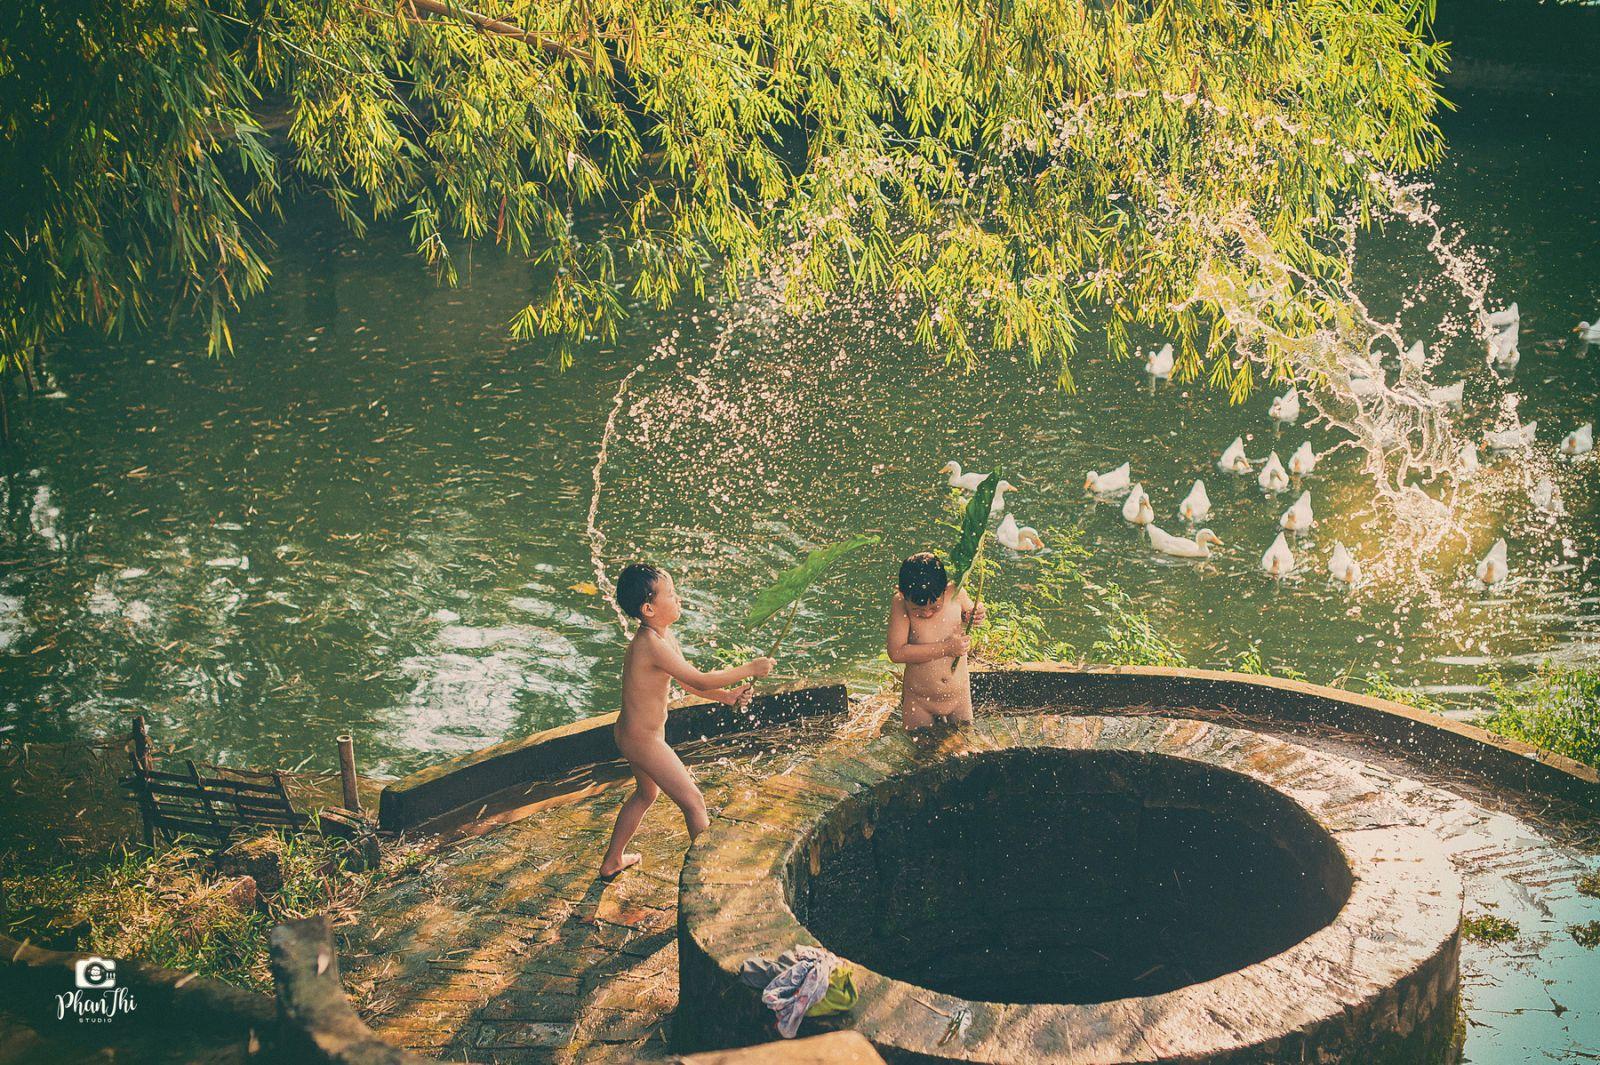 Hình ảnh quê hương những đứa trẻ tắm mát bên giếng